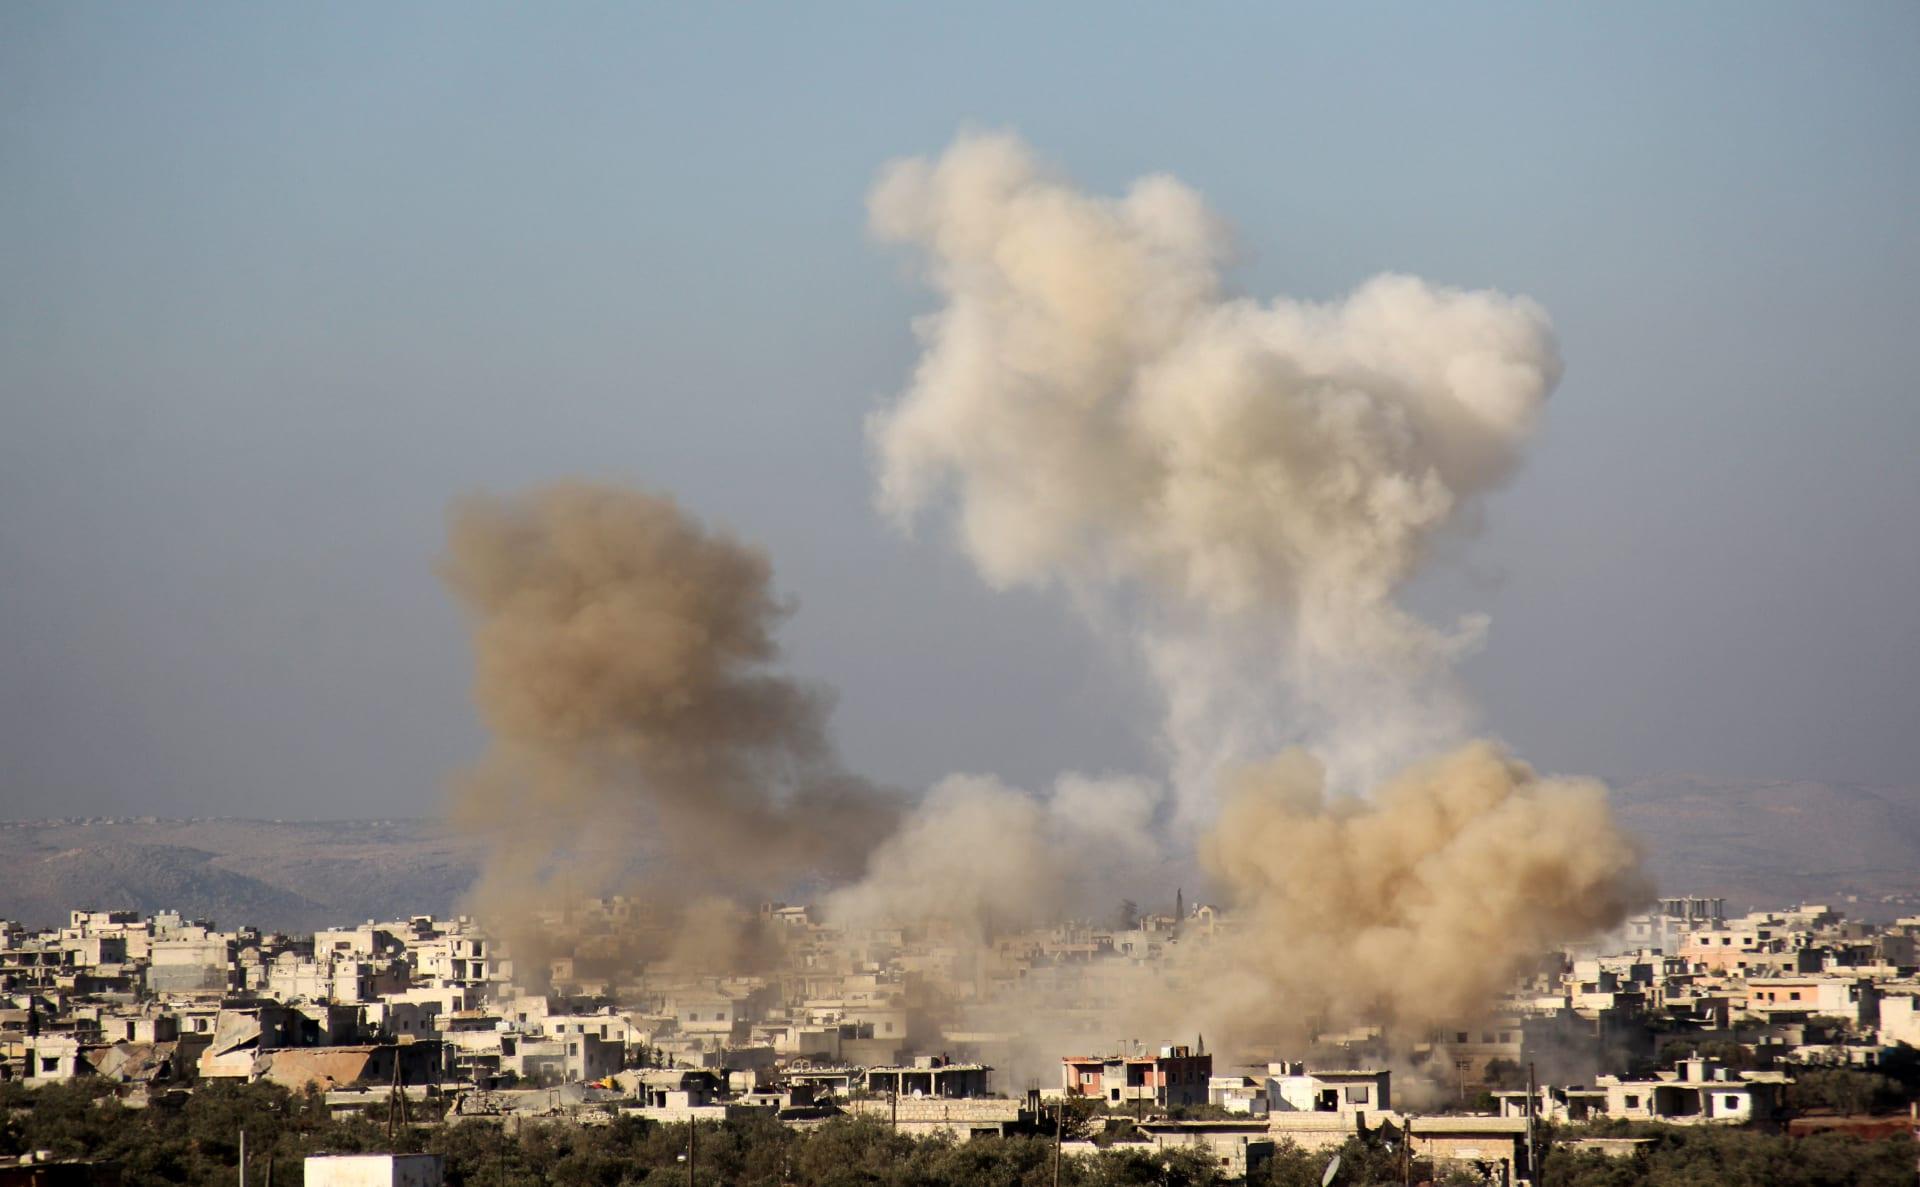 موسكو: مقتل عقيد روسي في قصف مدفعي للمعارضة في حلب